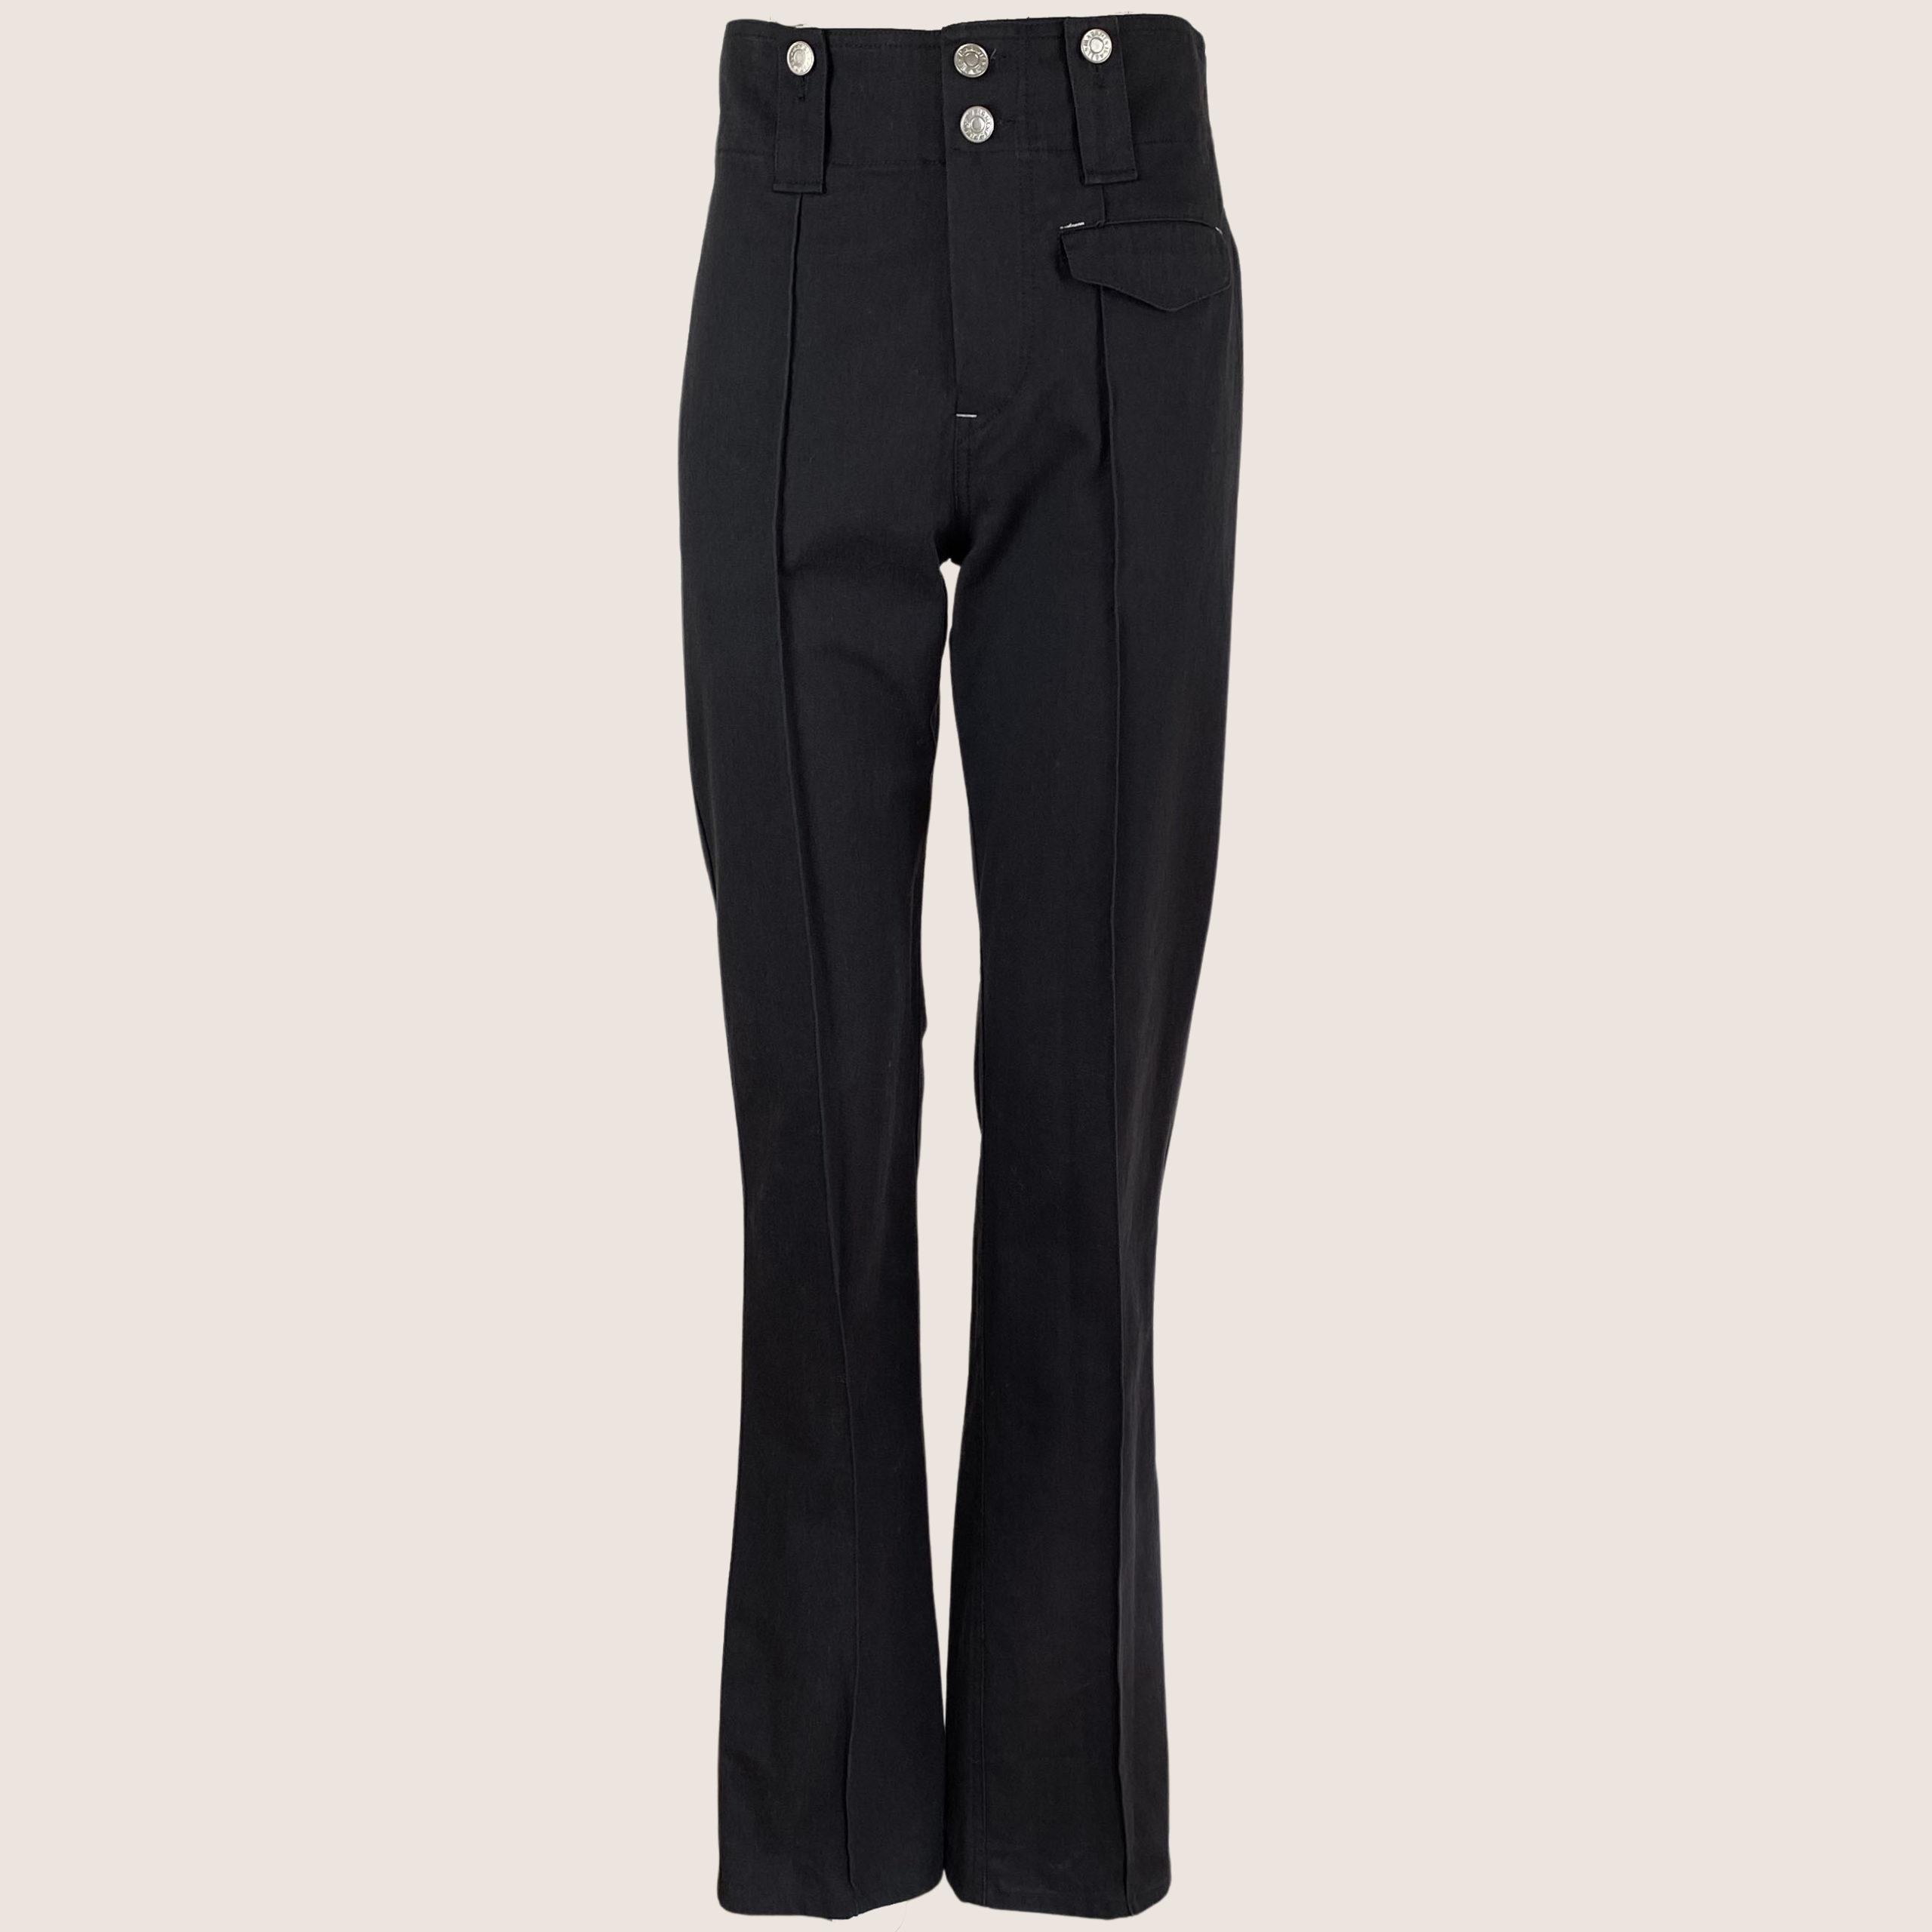 Dilirol Pants